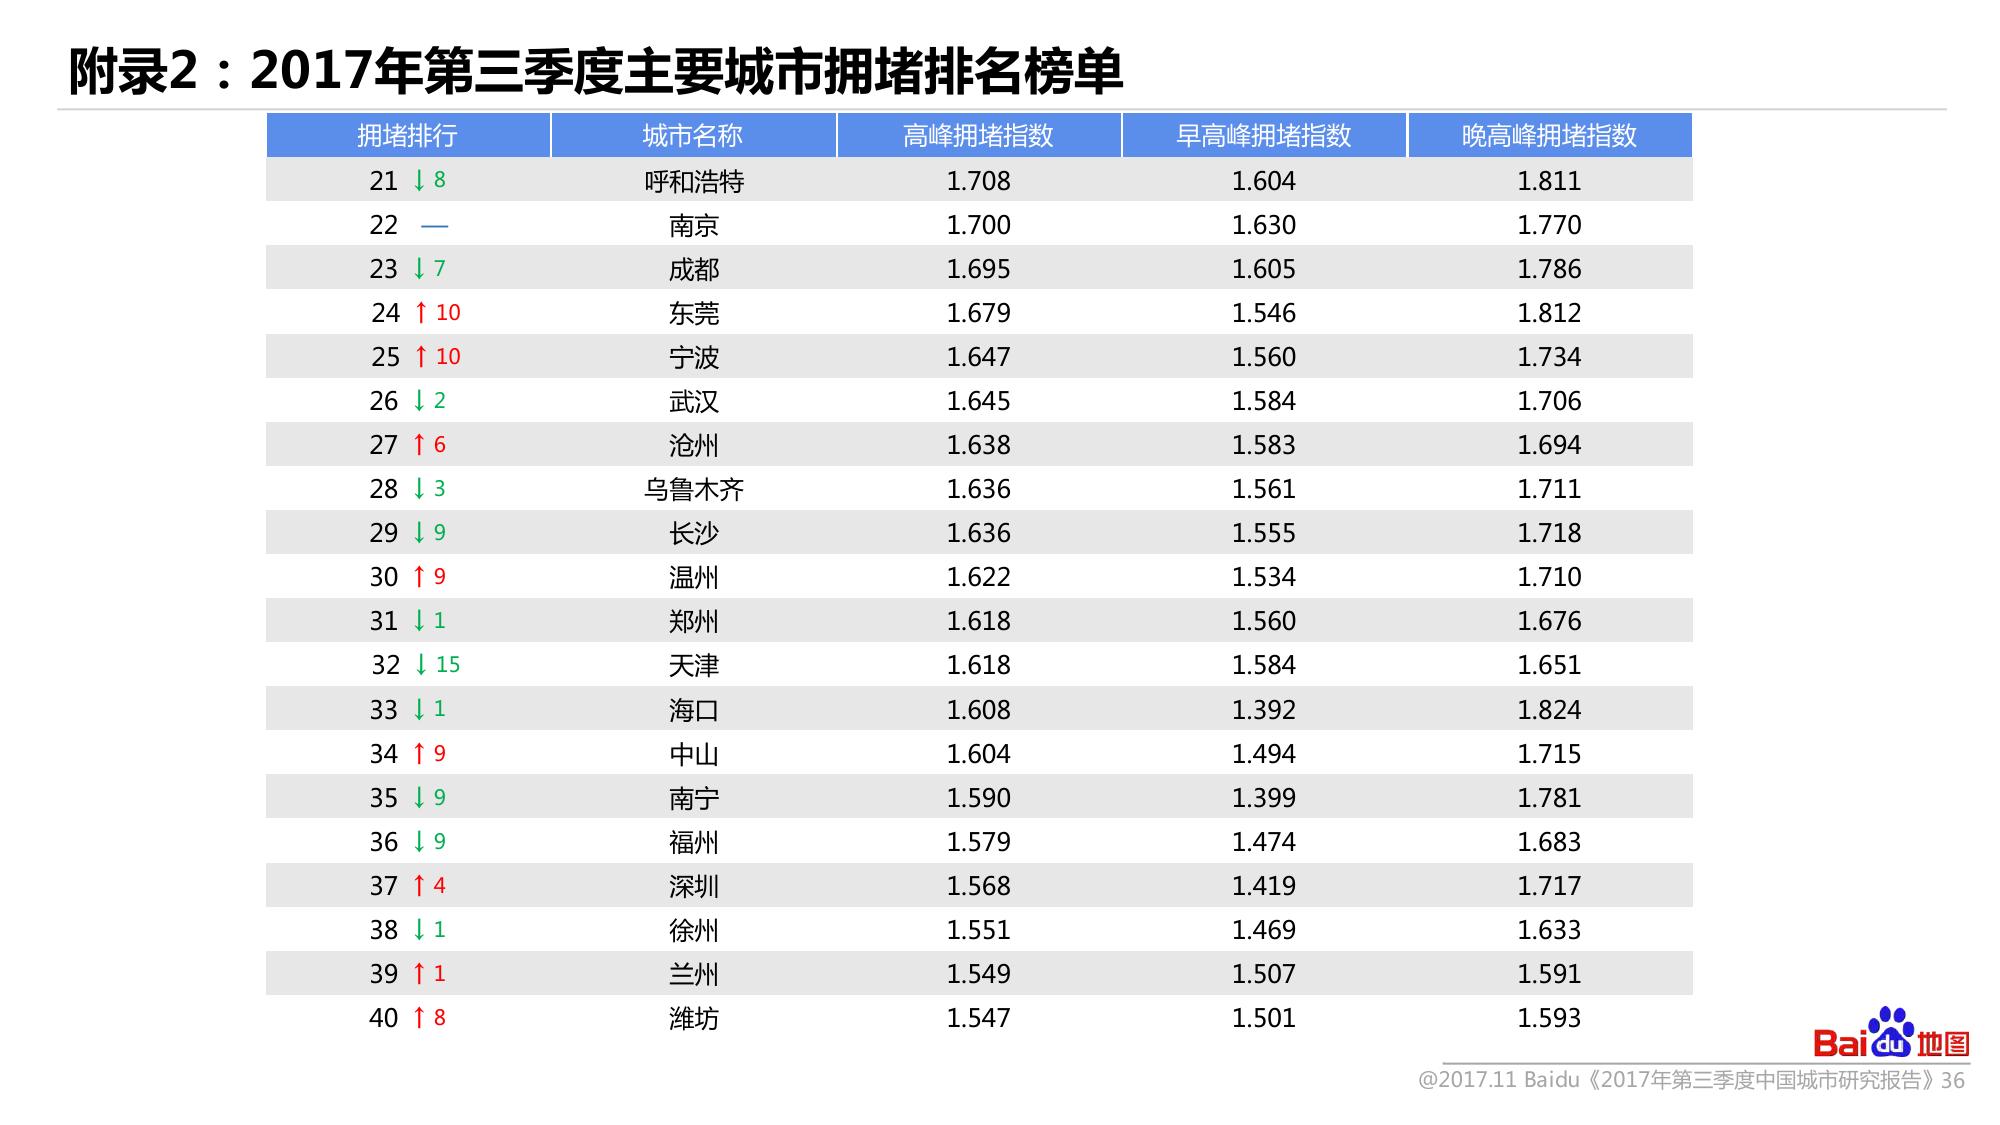 2017年Q3中国城市研究报告-09大数据